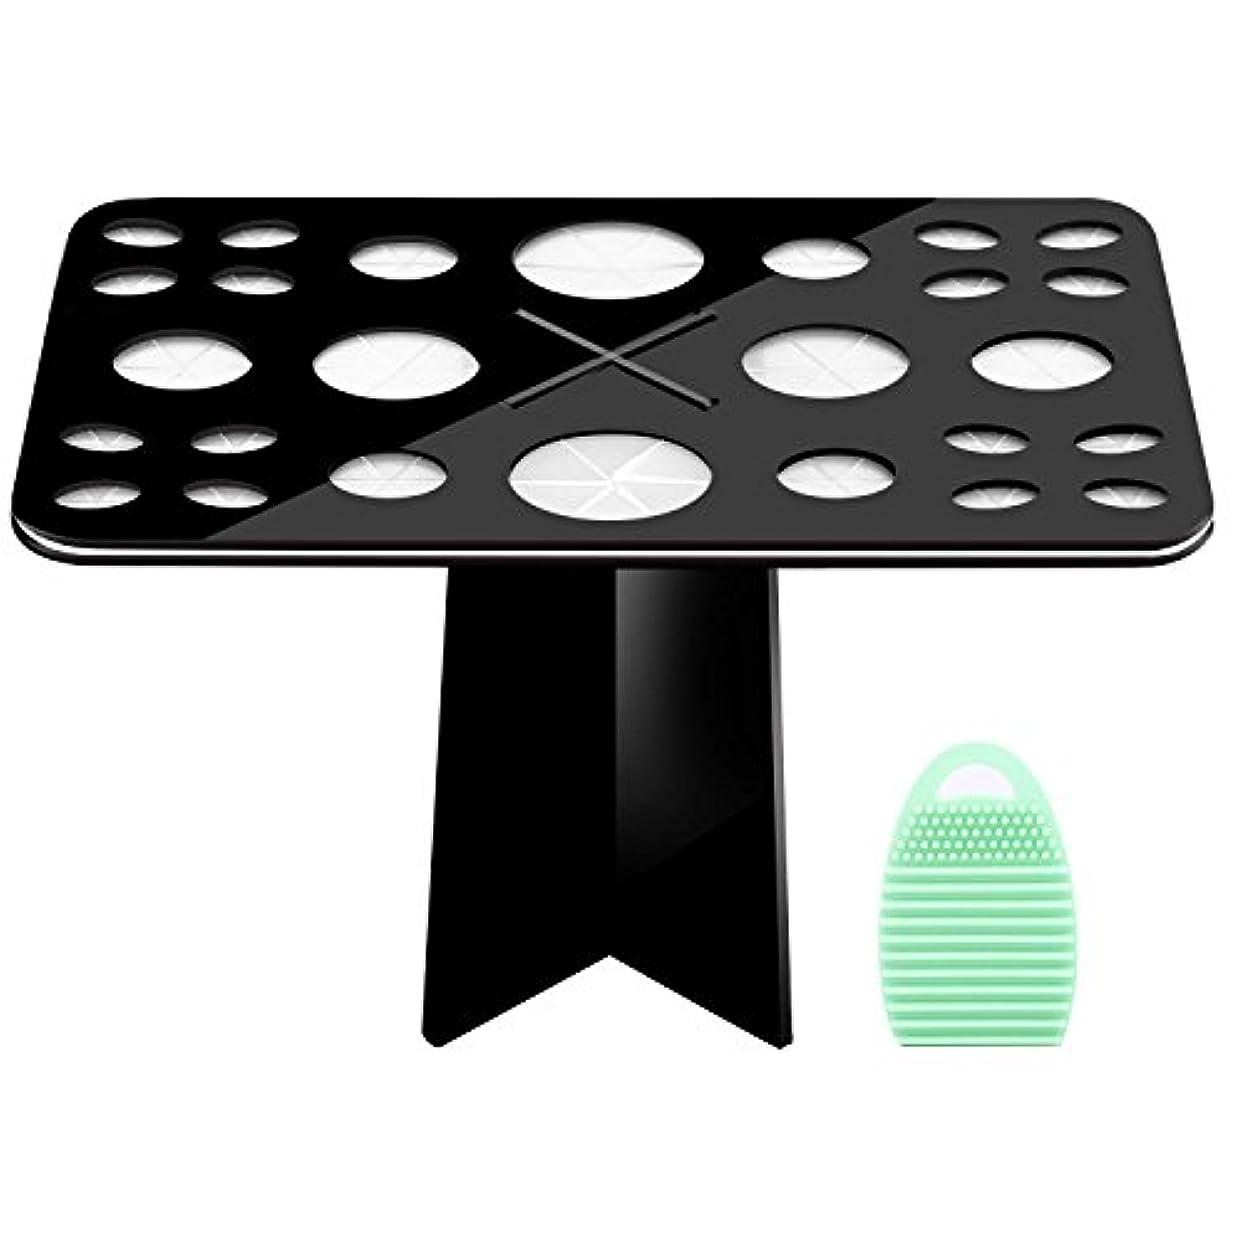 バンドドールボンドメイクブラシスタンド+メイクブラシクリーナーセット - Luxspire コスメホルダー 小型軽量の洗濯板 ブラシ洗濯とブラシ乾かすのに最適